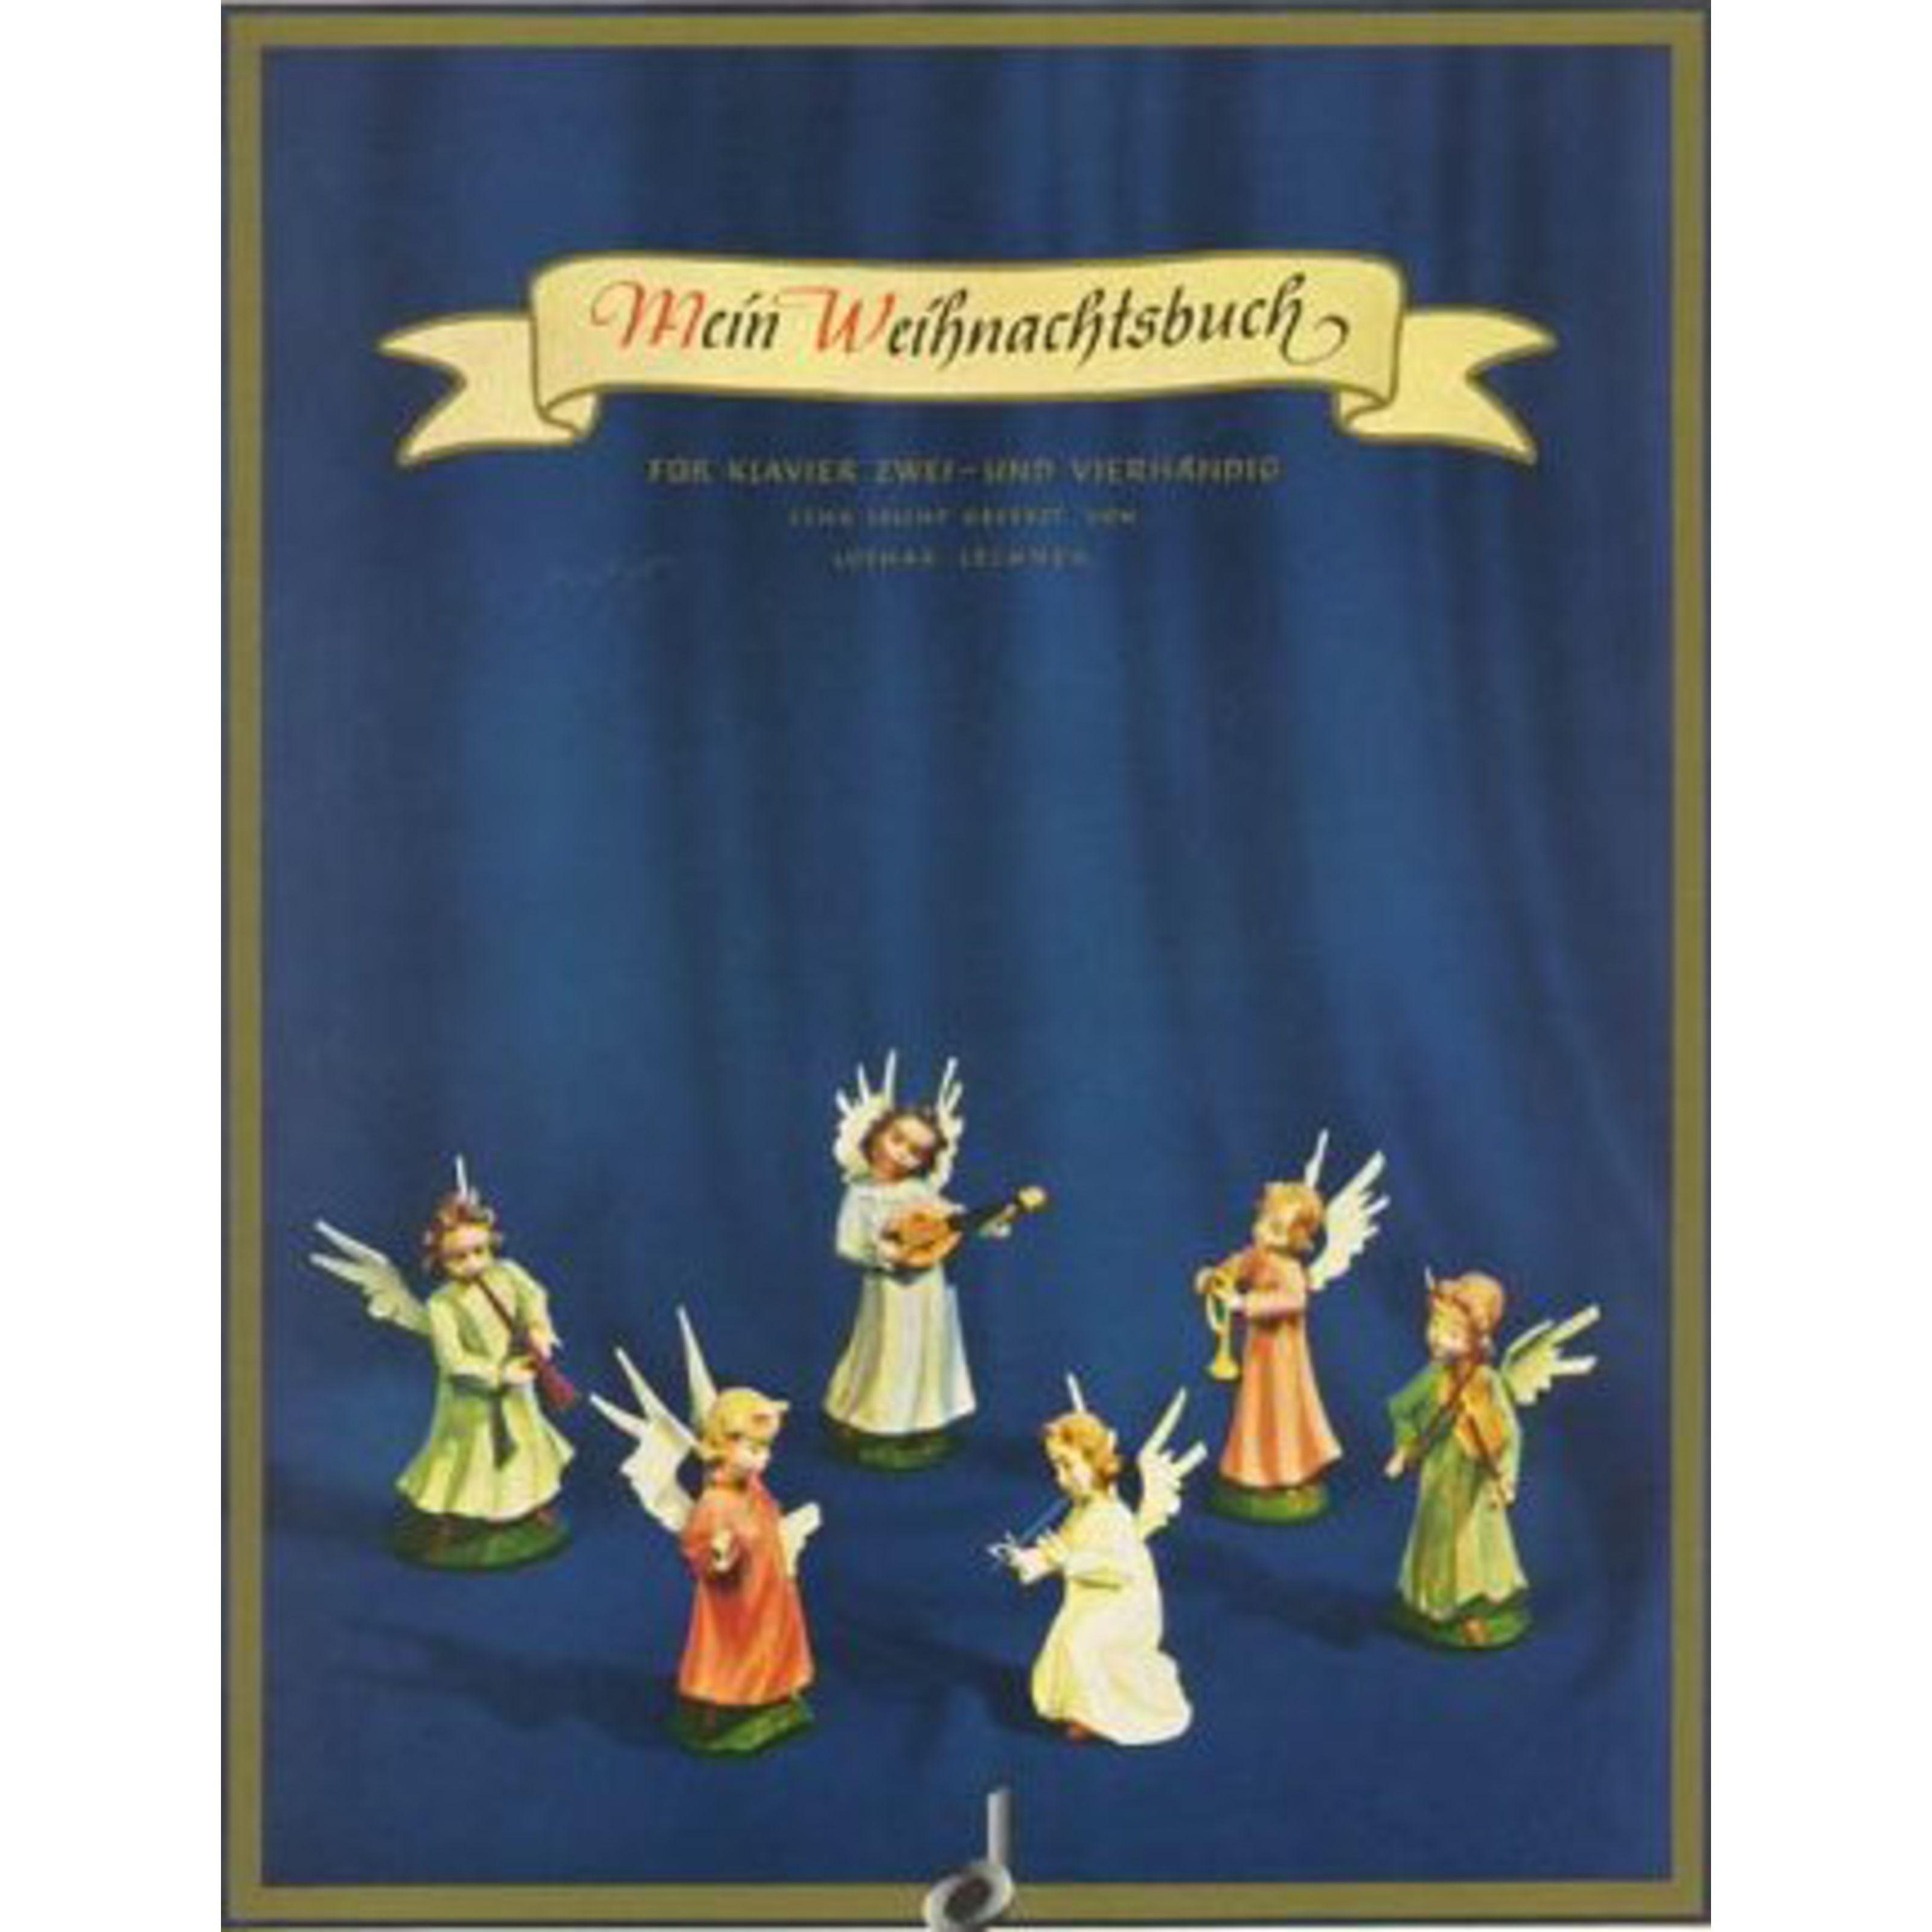 Schott Music - Mein Weihnachtsbuch ED 4200